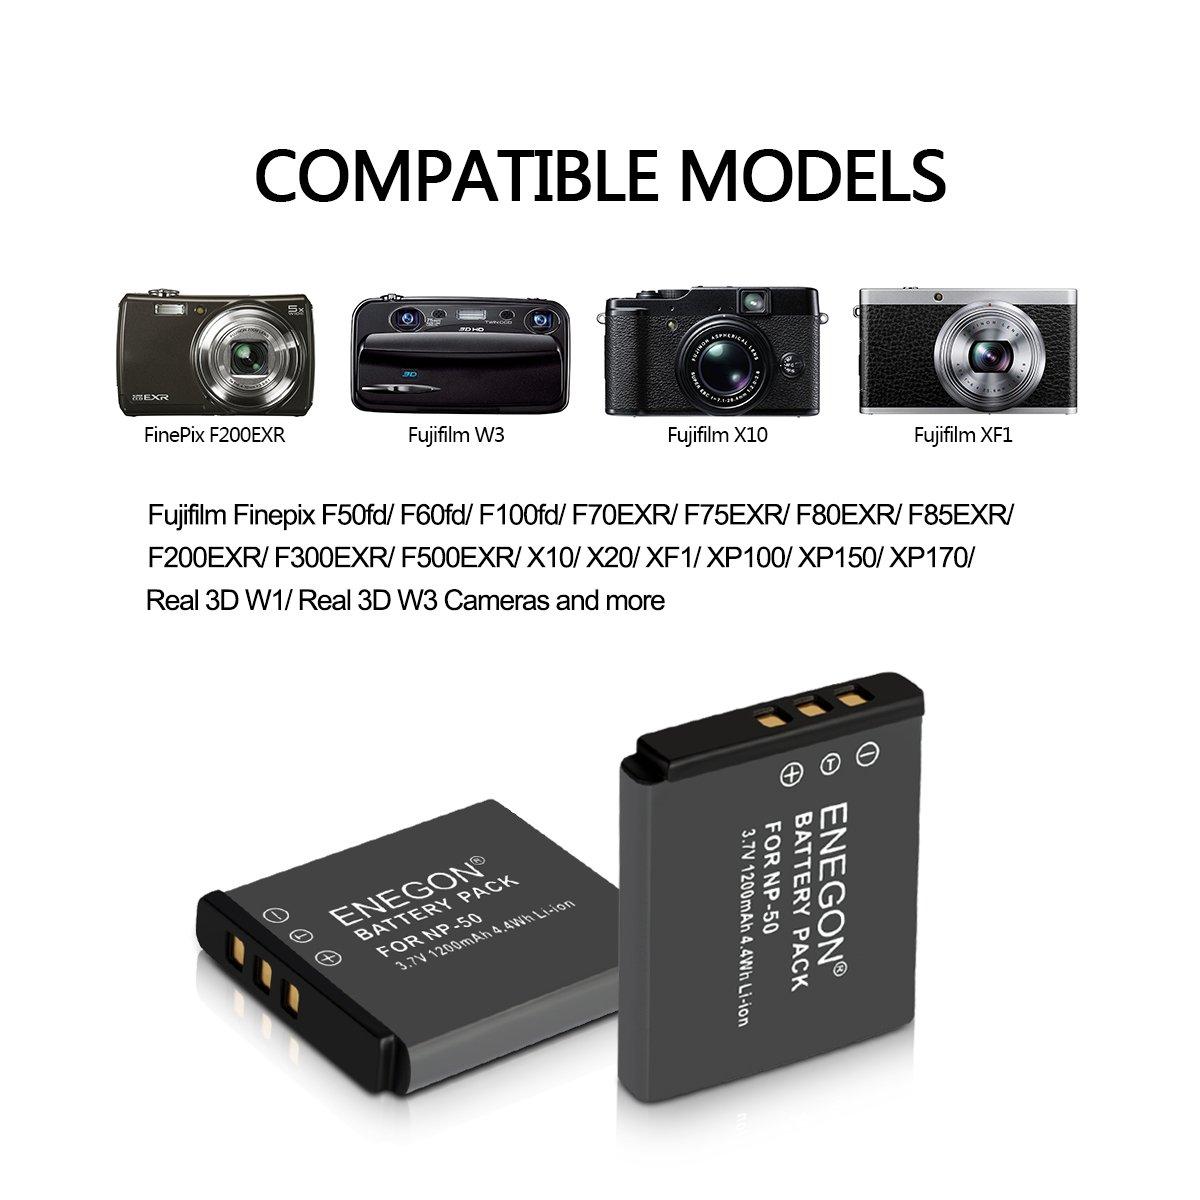 KAMERA AKKU BATTERIE ACCU FÜR FUJI Fujifilm Finepix F800 EXR